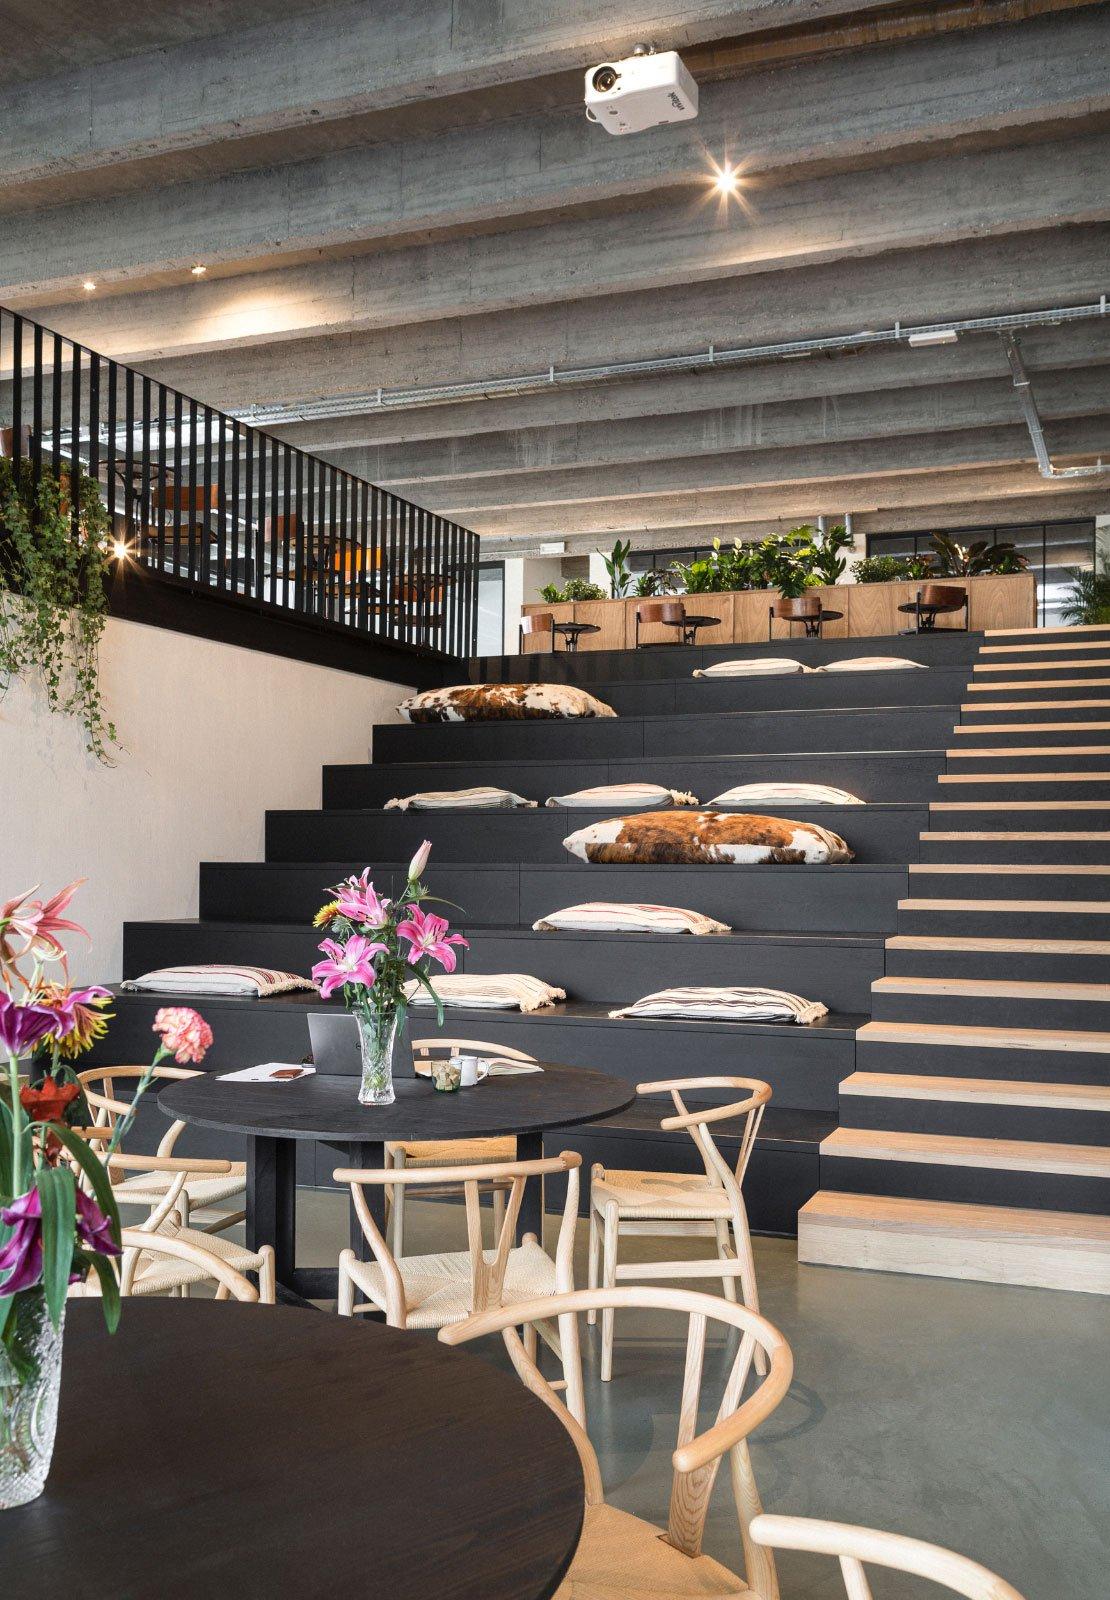 creative office cafe ideas 1 fuze business interiors rh fuzeinteriors co nz creative cafe logo design